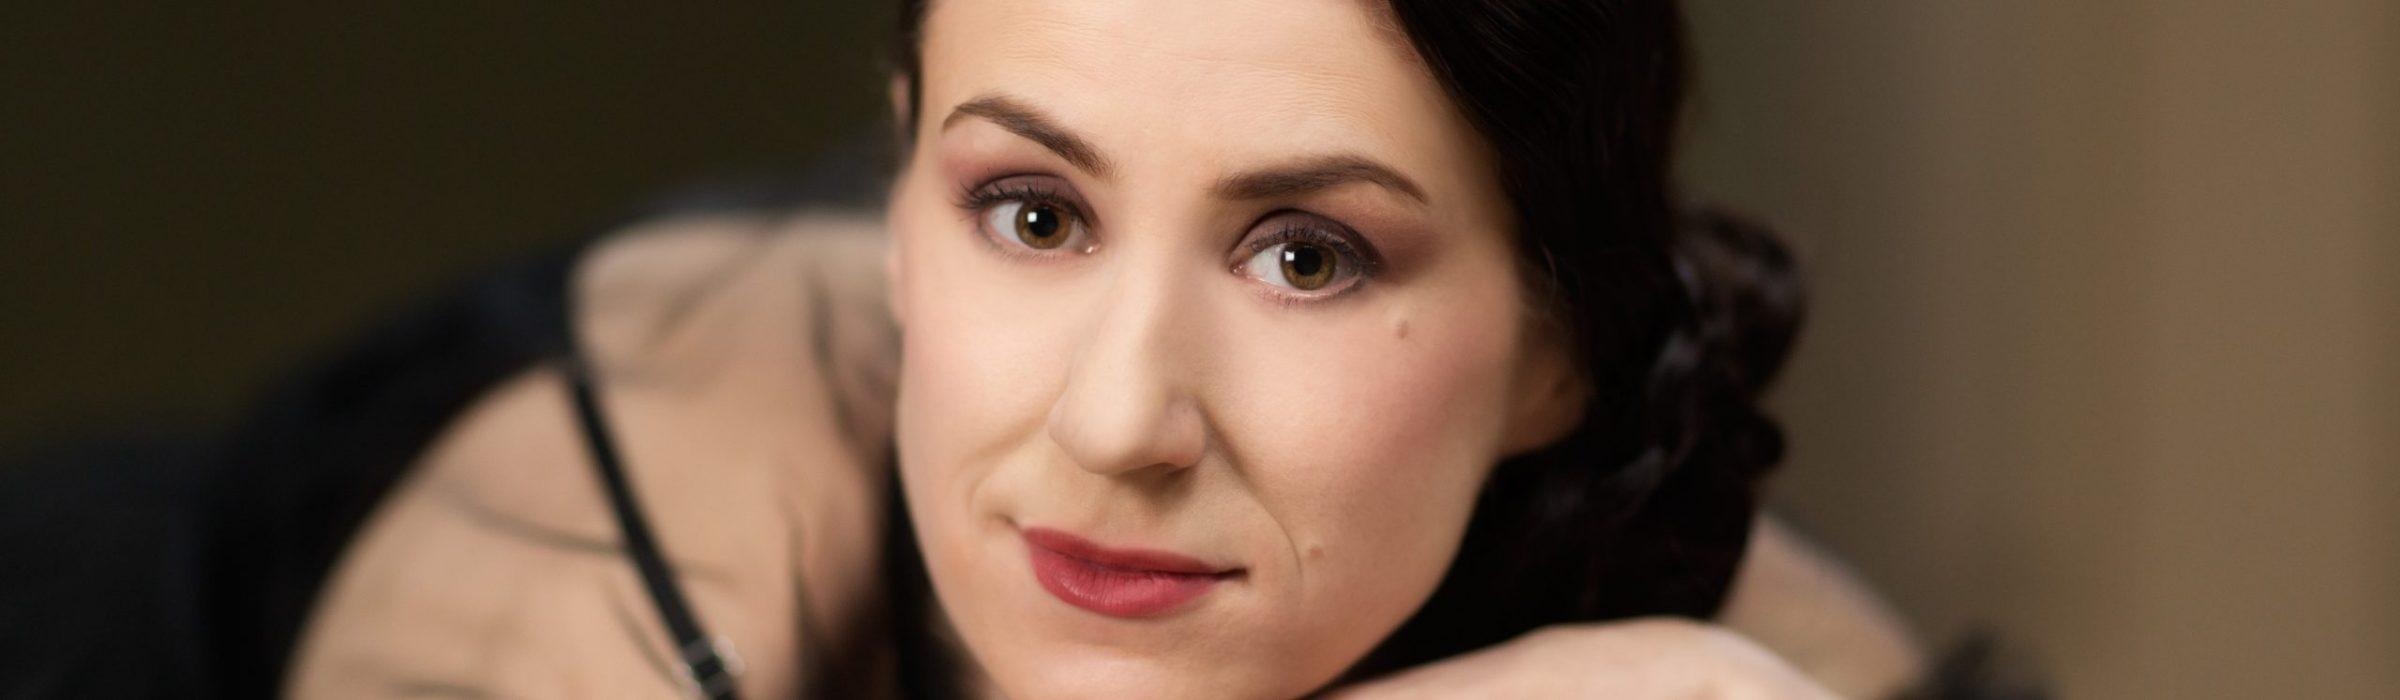 Marion Hogl Portraitfotografie mit Aufsteckblitz